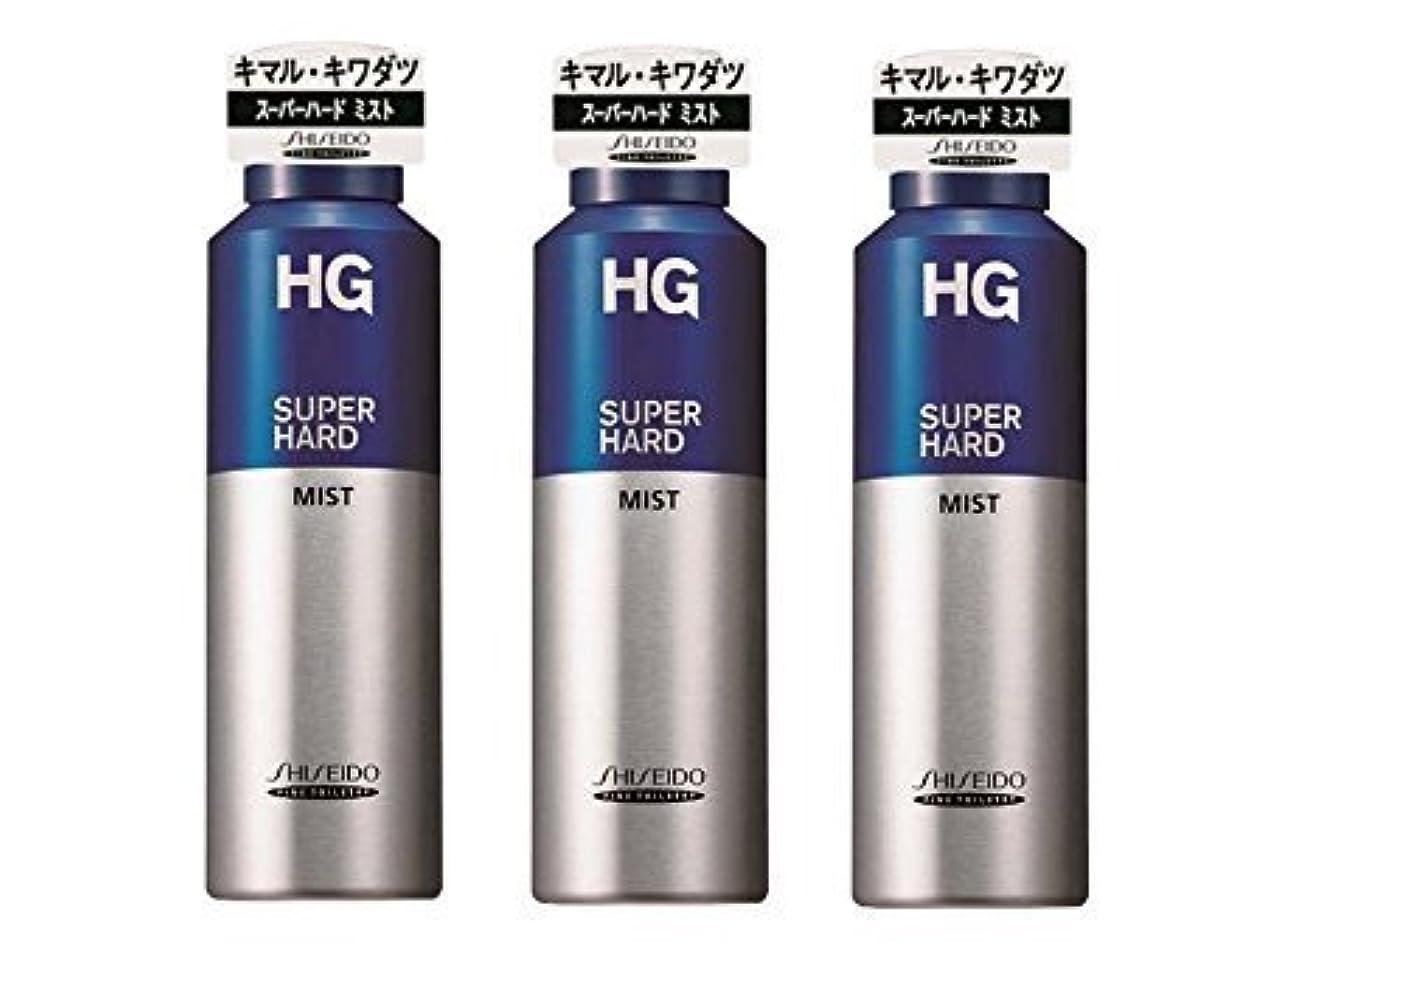 オピエート位置づける隣人【まとめ買い】HG スーパーハード ミスト 150g×3個